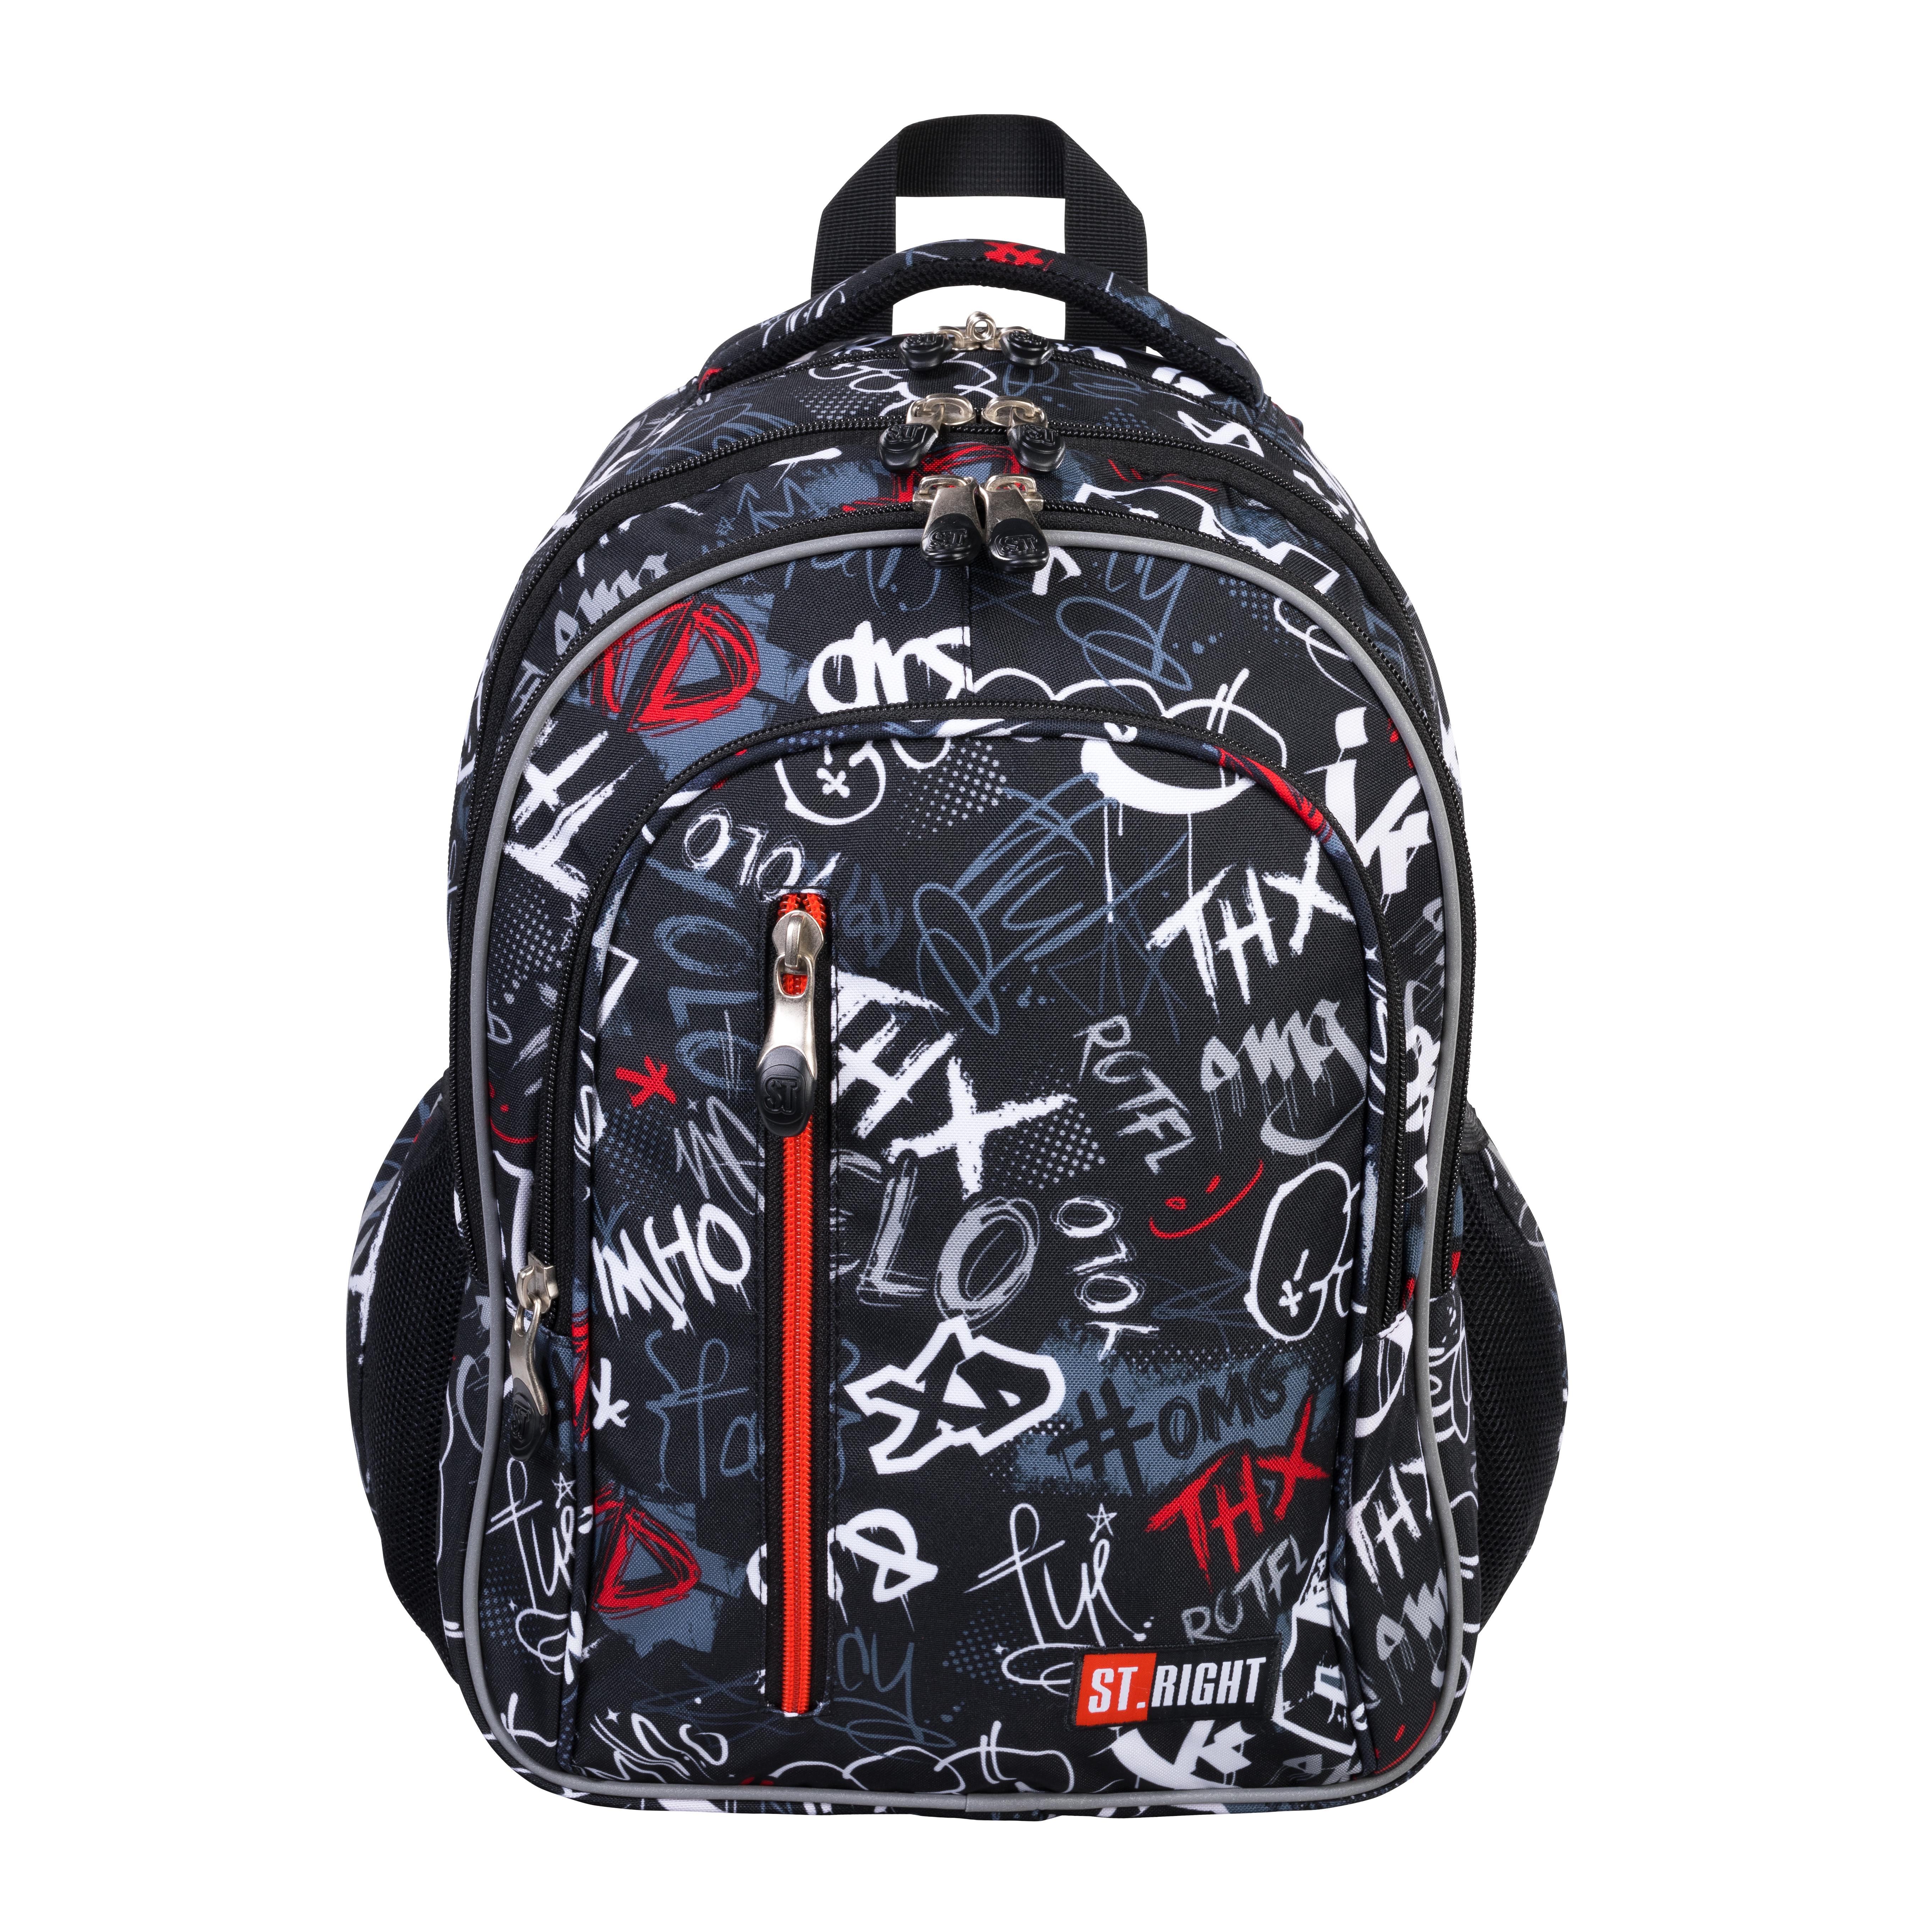 Plecak 4-komorowy BP68 Slang Graffiti